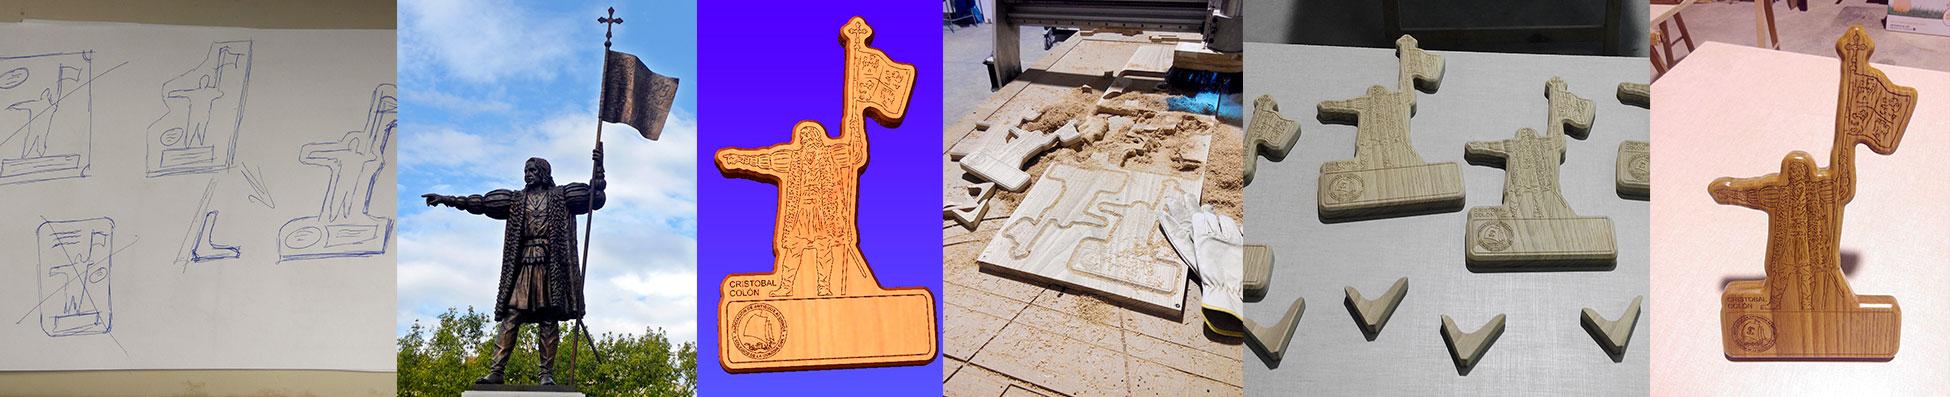 Proceso fabricación placas conmemorativas desde el boceto en papel, fotografía real a estatua Cristobal Colon Huelva, digitalizar, simular, simulación, tallado y corte CNC, acabado, barnizado